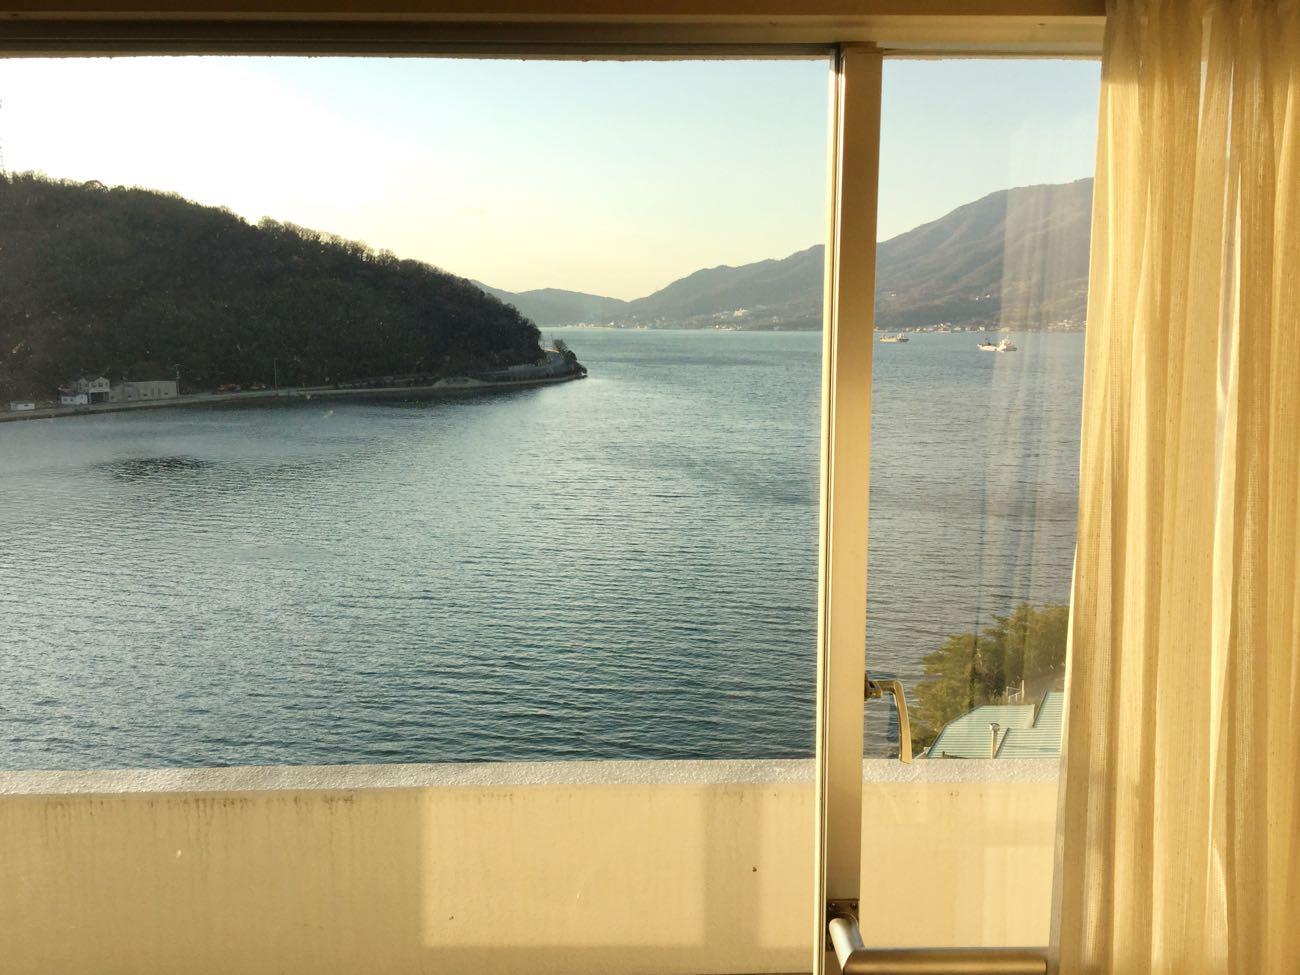 瀬戸内海と島が見える最高の景色です!